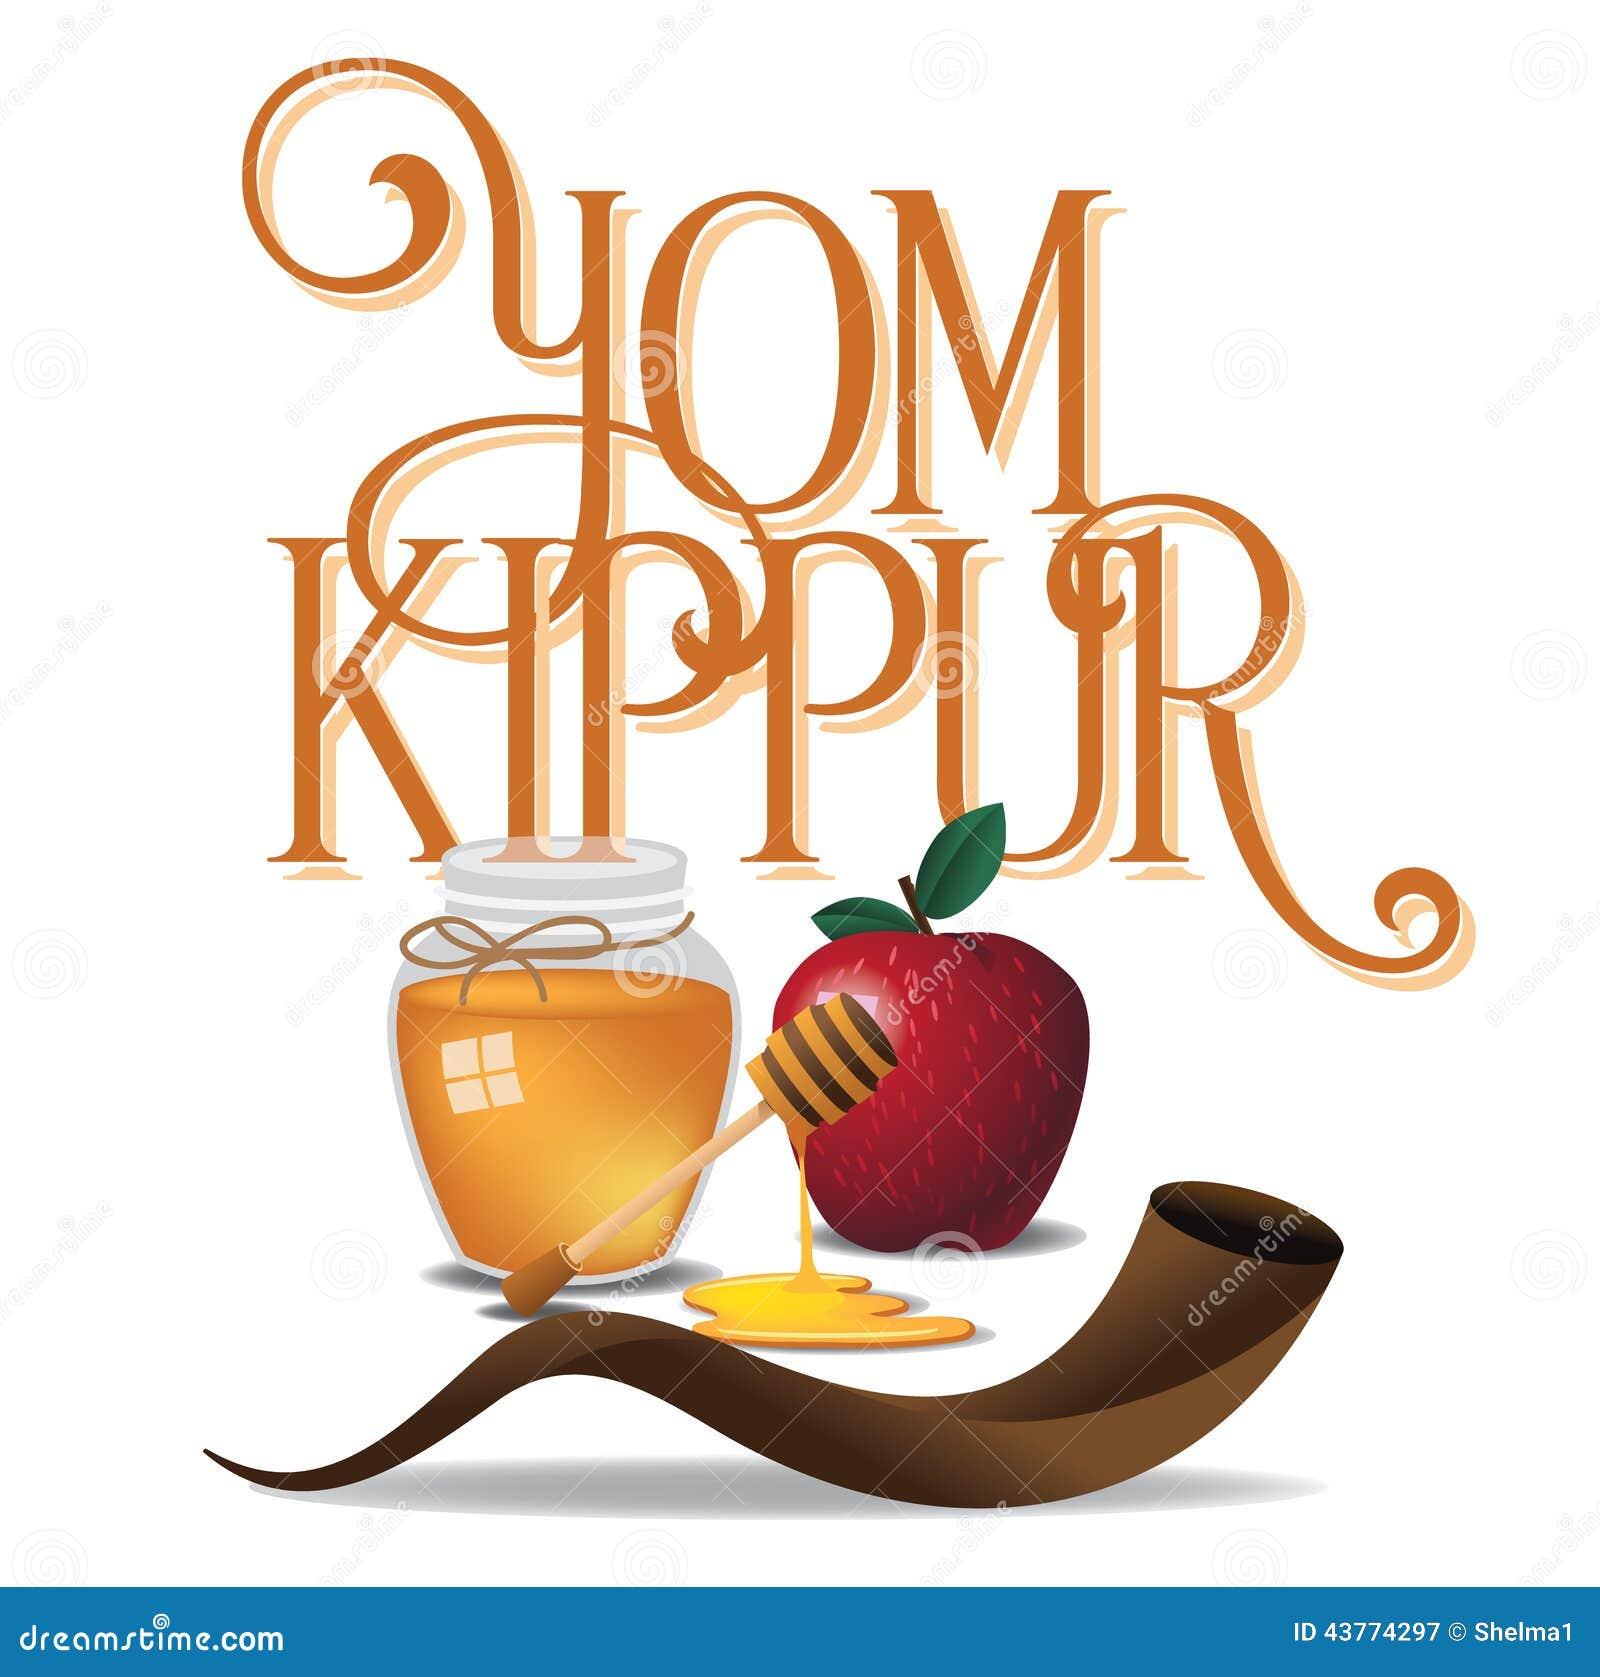 yom kippur - photo #28